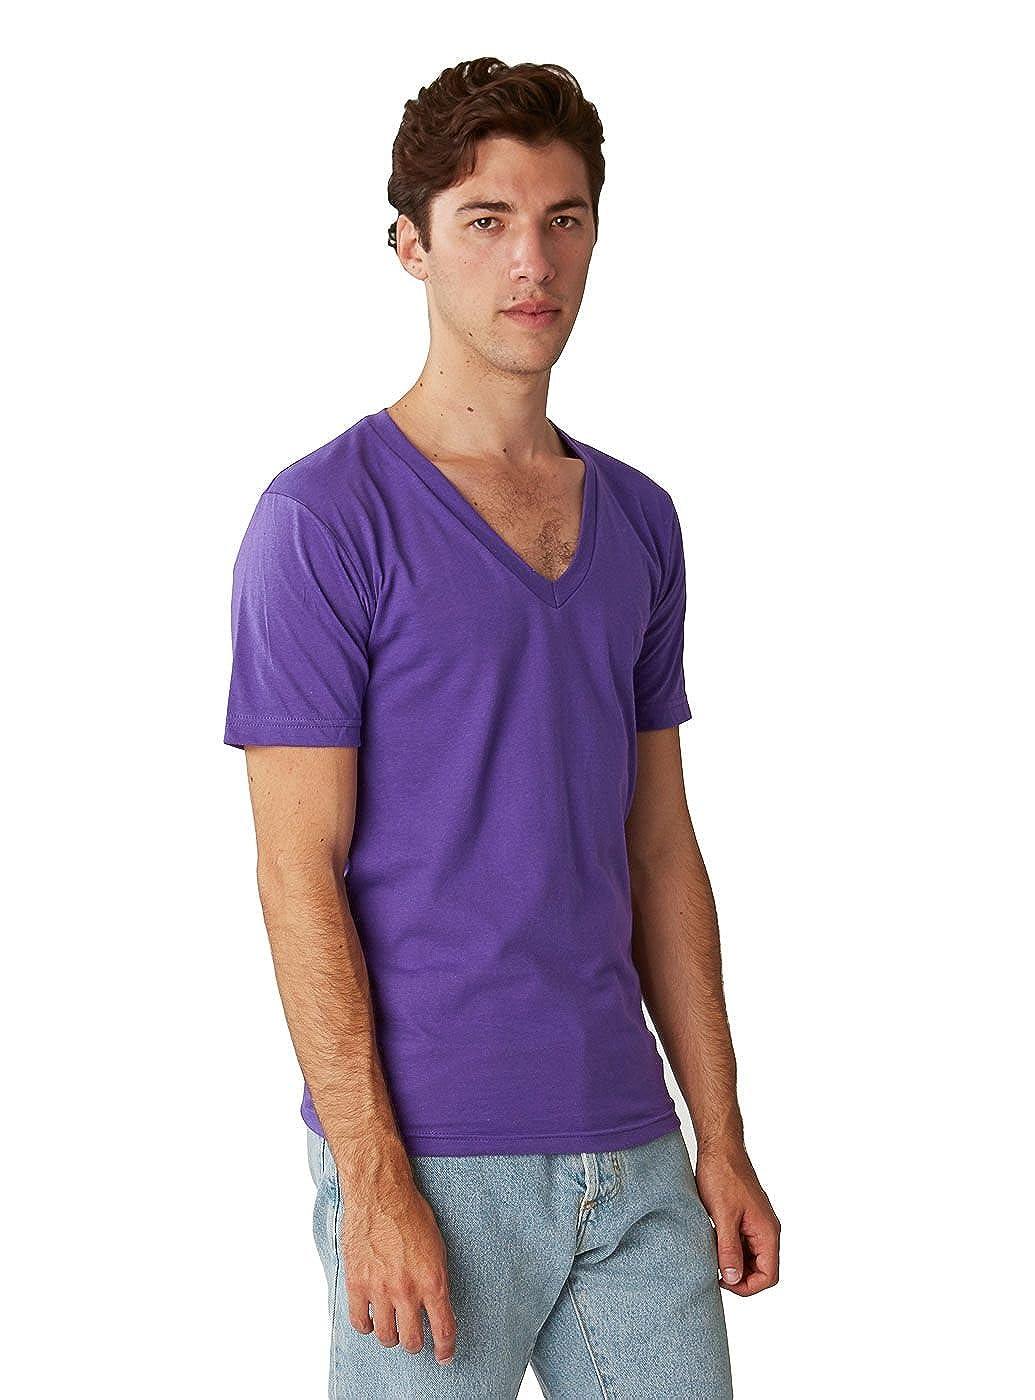 American Apparel Mens Unisex Fine Jersey Short-Sleeve V-Neck